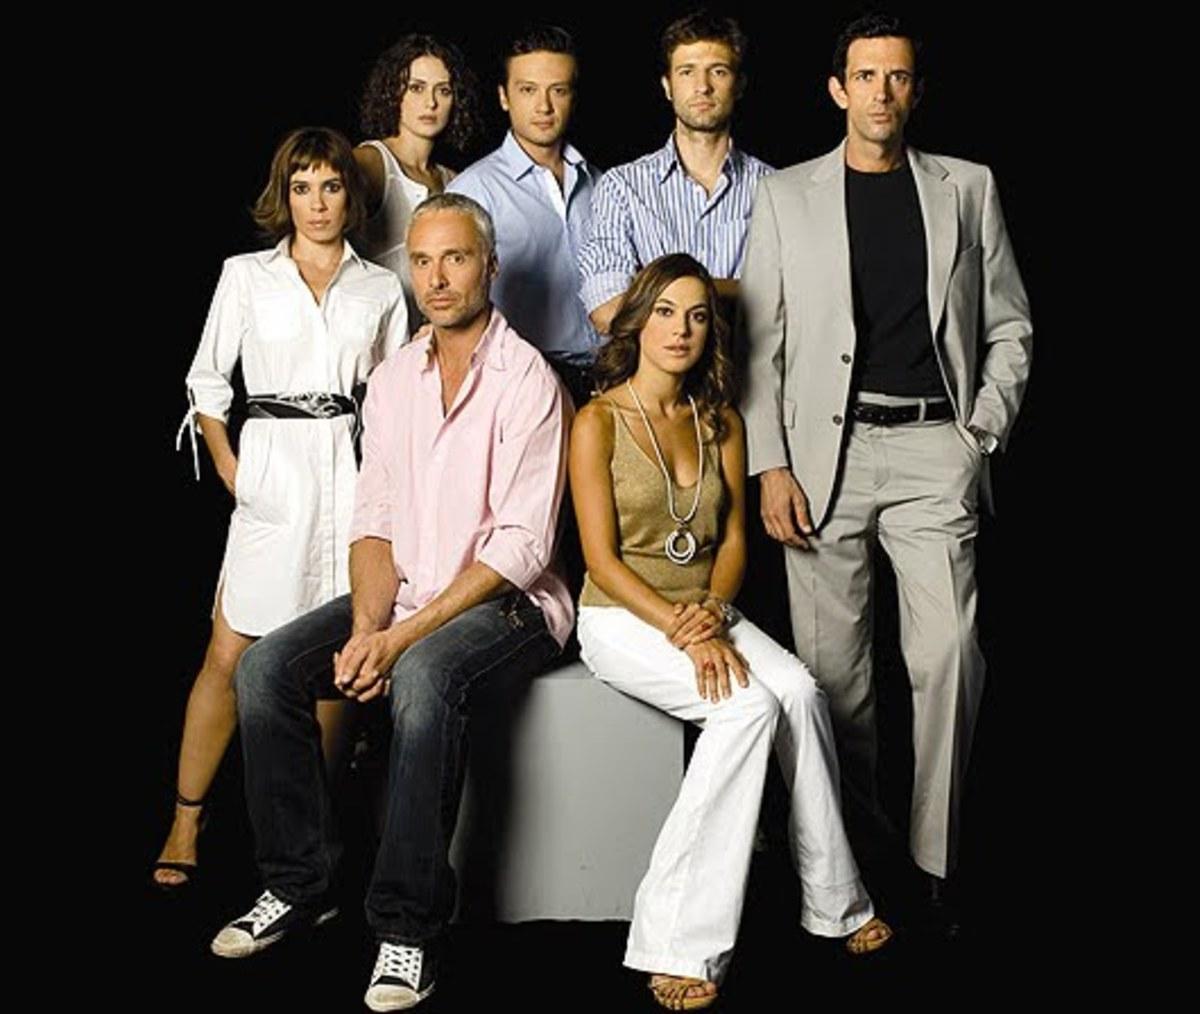 ΑΠΟΚΛΕΙΣΤΙΚΟ Συσκέψεις στον ΑΝΤ1 για τη σειρά «Κάρμα» | Newsit.gr